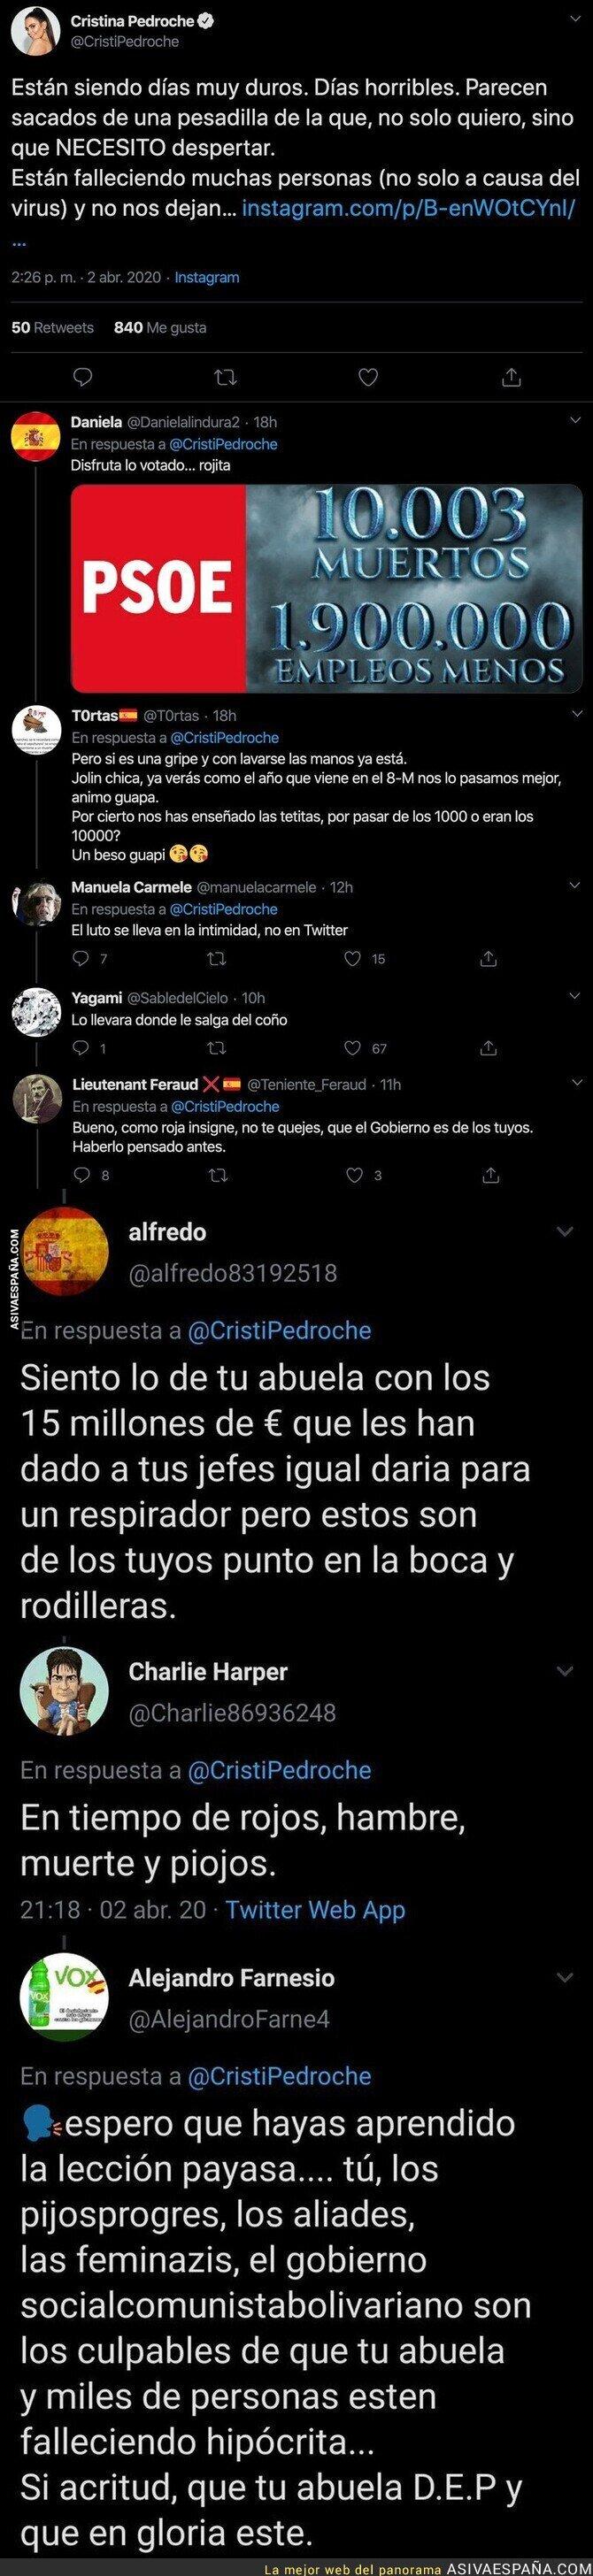 141623 - Cristina Pedroche anuncia que se ha muerto su abuela y la gente de derechas le está dejando todas estas respuestas totalmente miserables